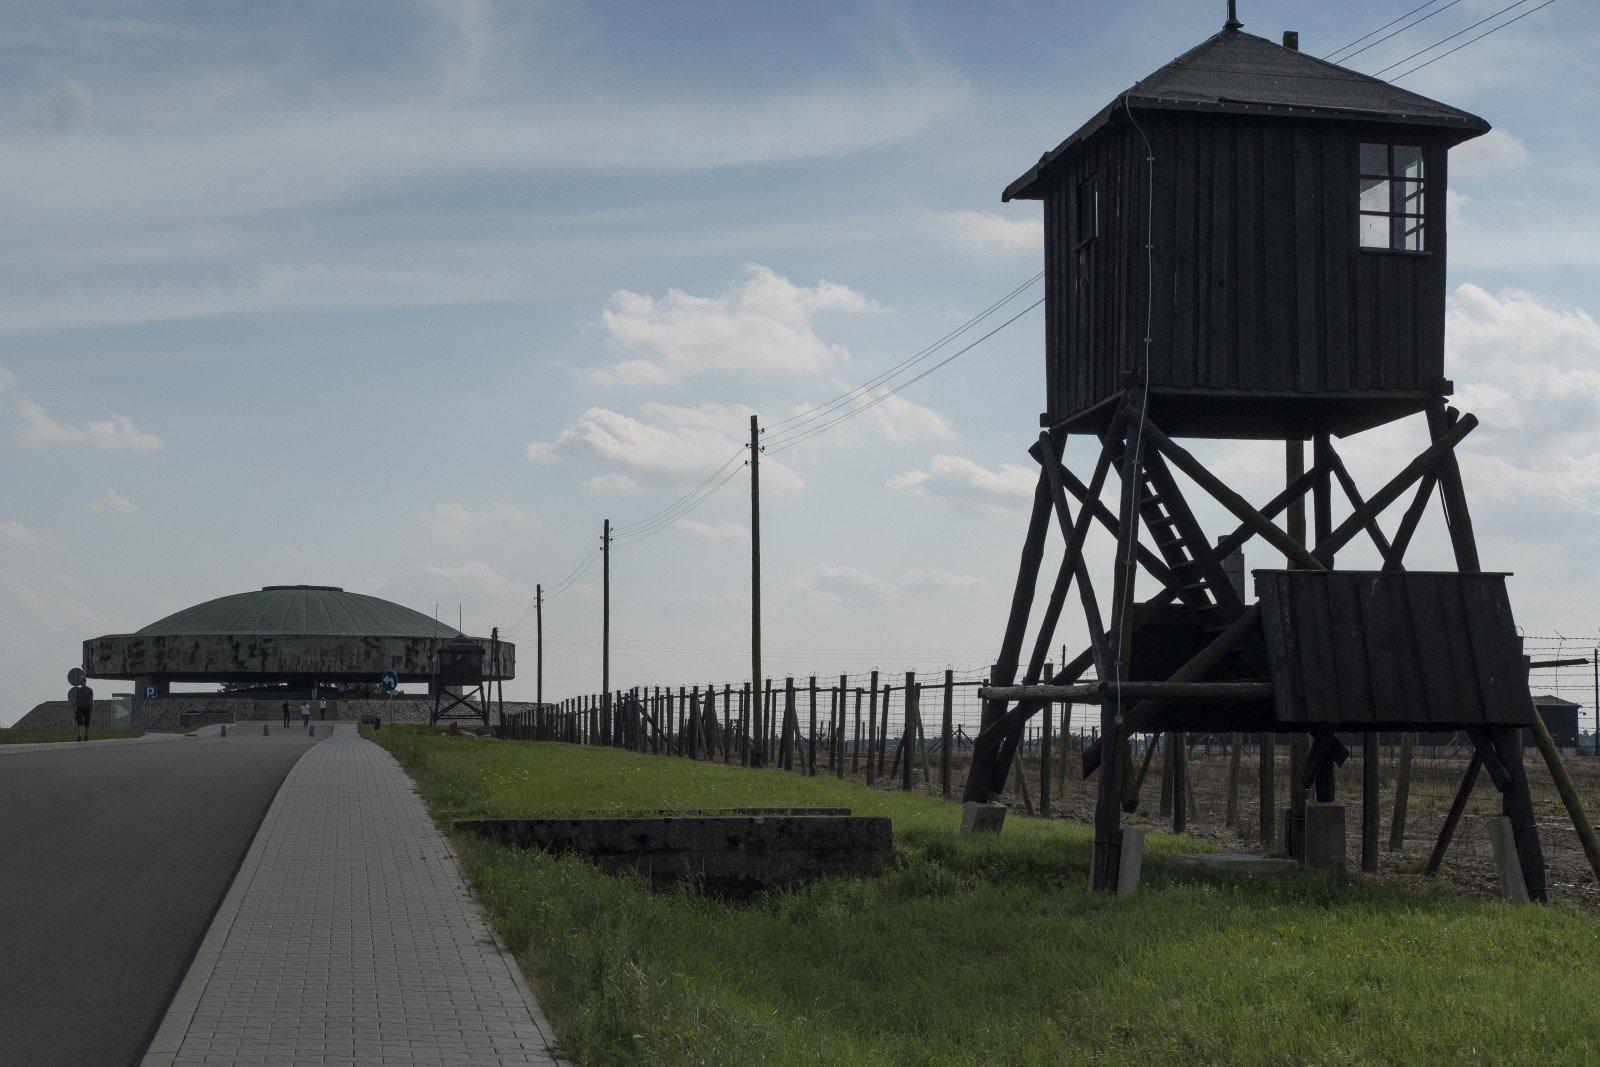 koncentracijos-stovykla-72537650.jpg